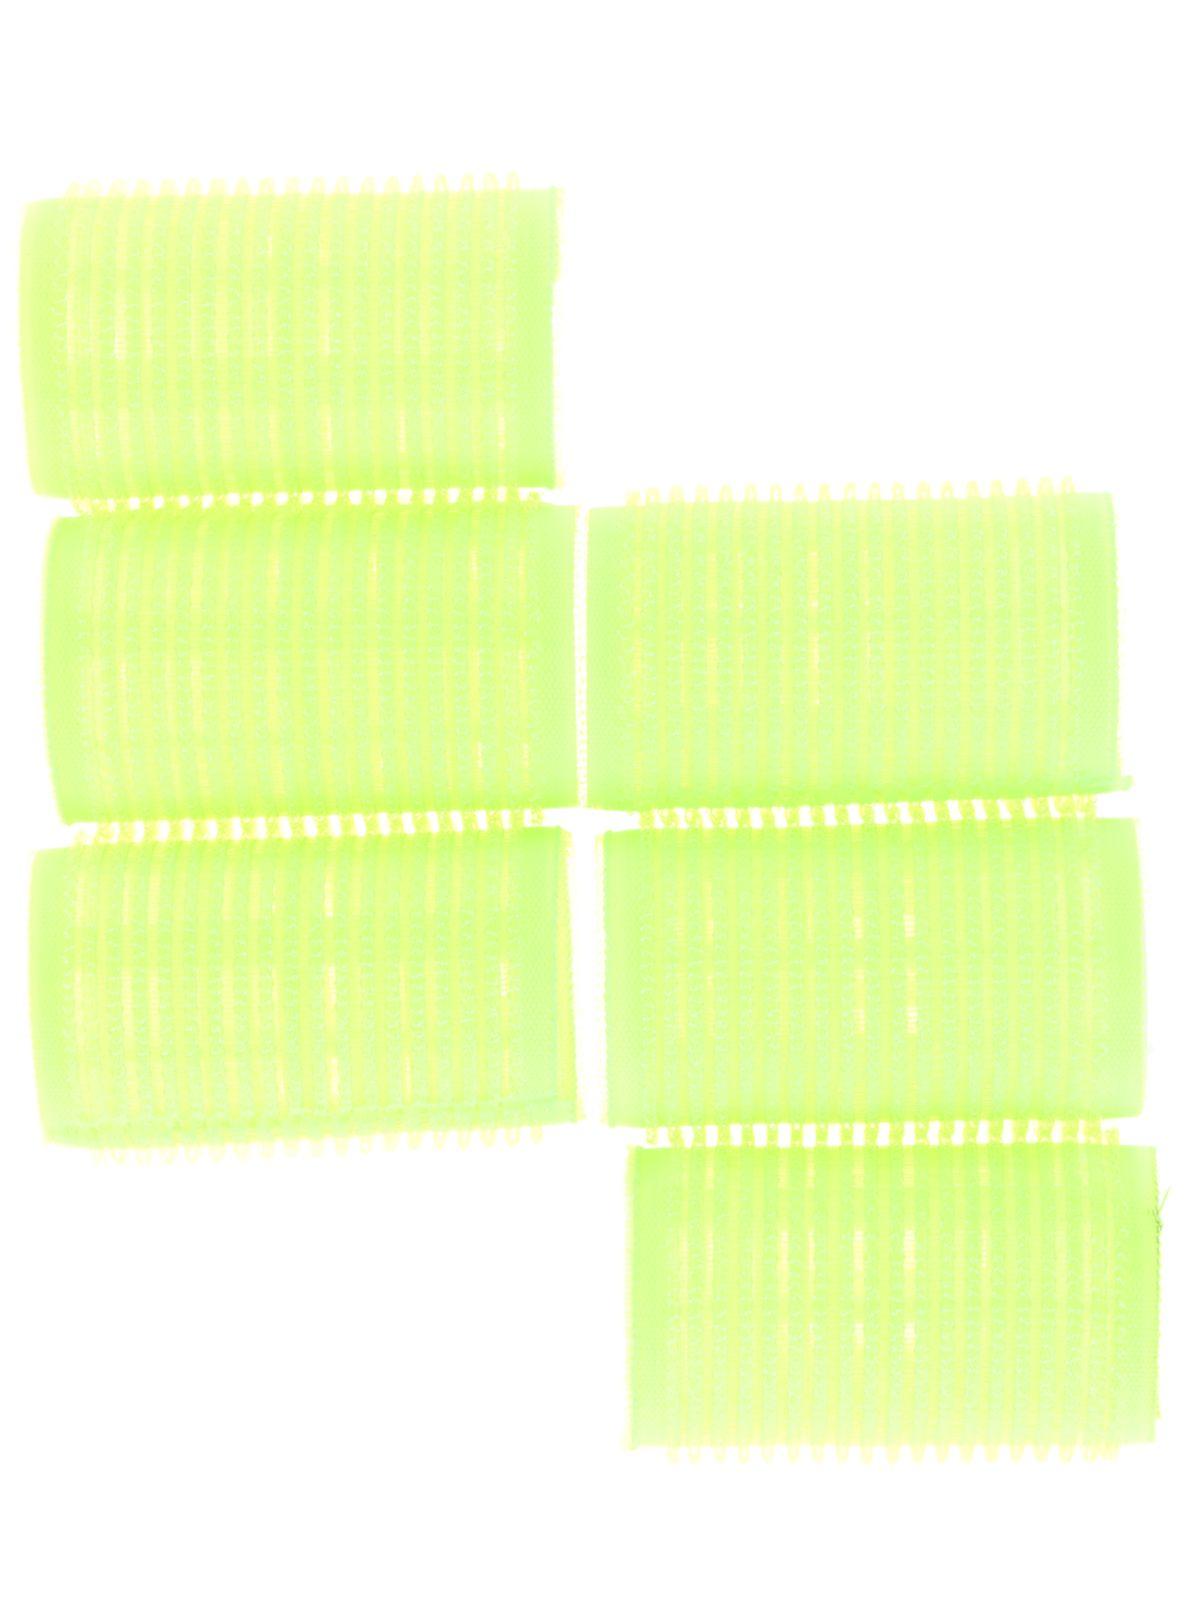 Бигуди-липучки Выручалочка, 7426936737521, диаметр 3,6 см, 6 шт бигуди выручалочка 7426936737293 диаметр 2 см 18 шт